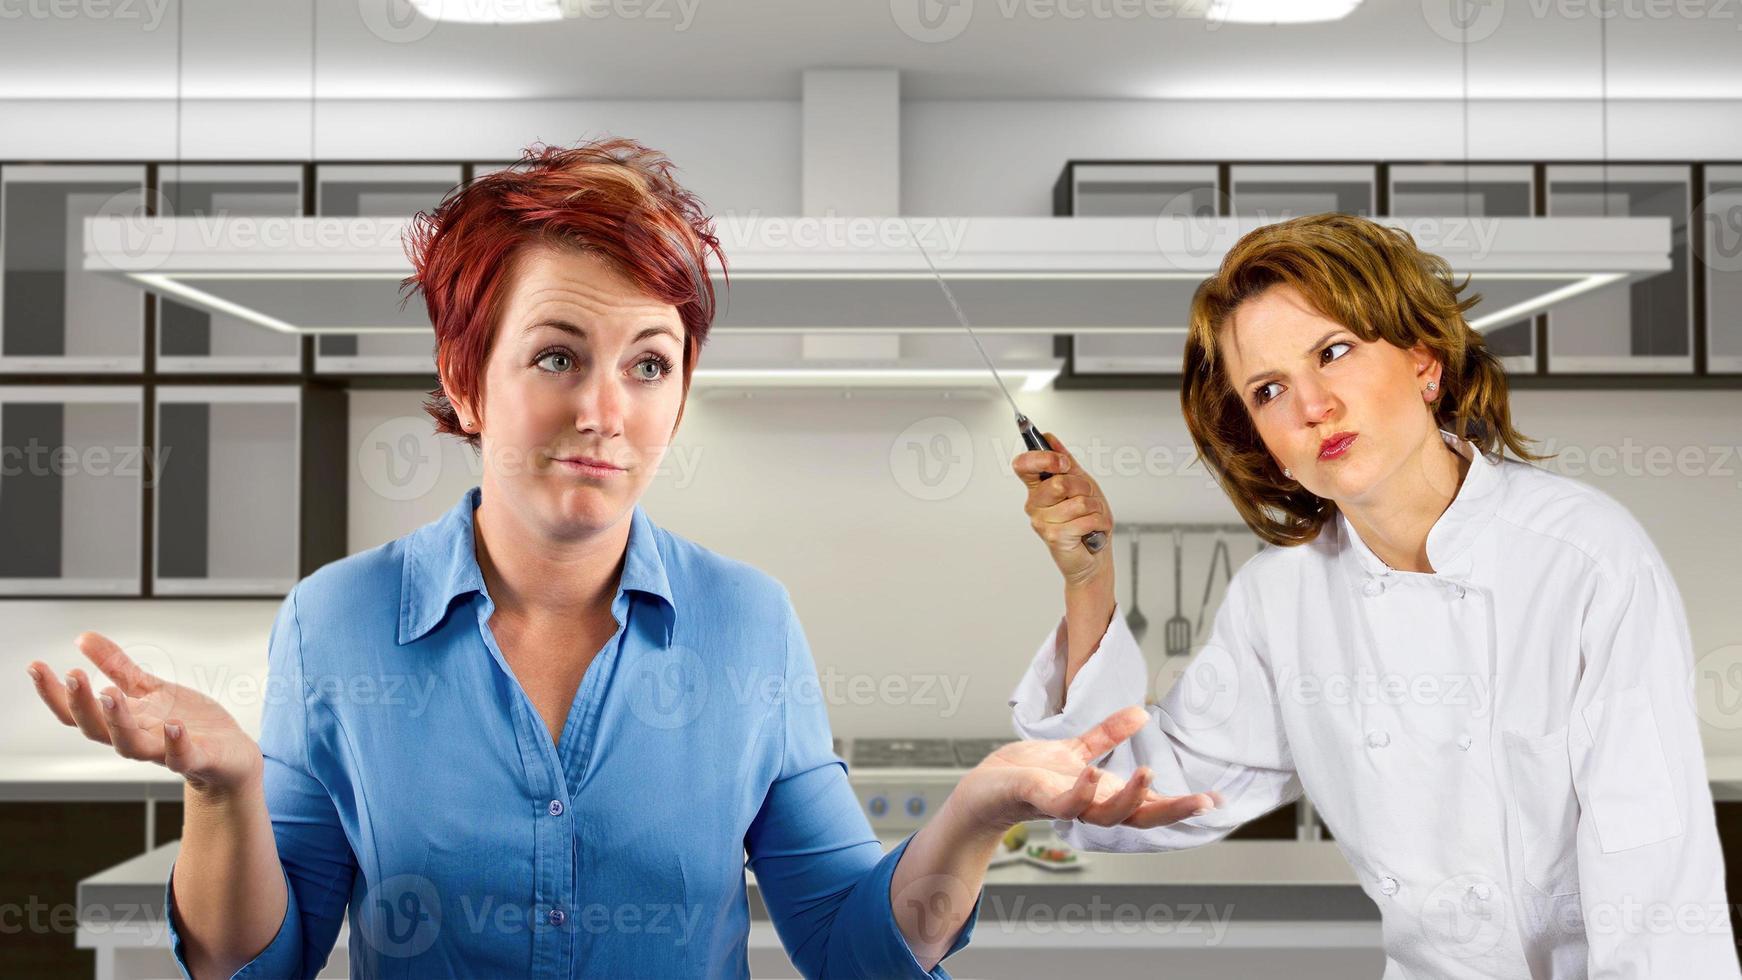 discutiendo camarera y chef personal de cocina en una cocina foto